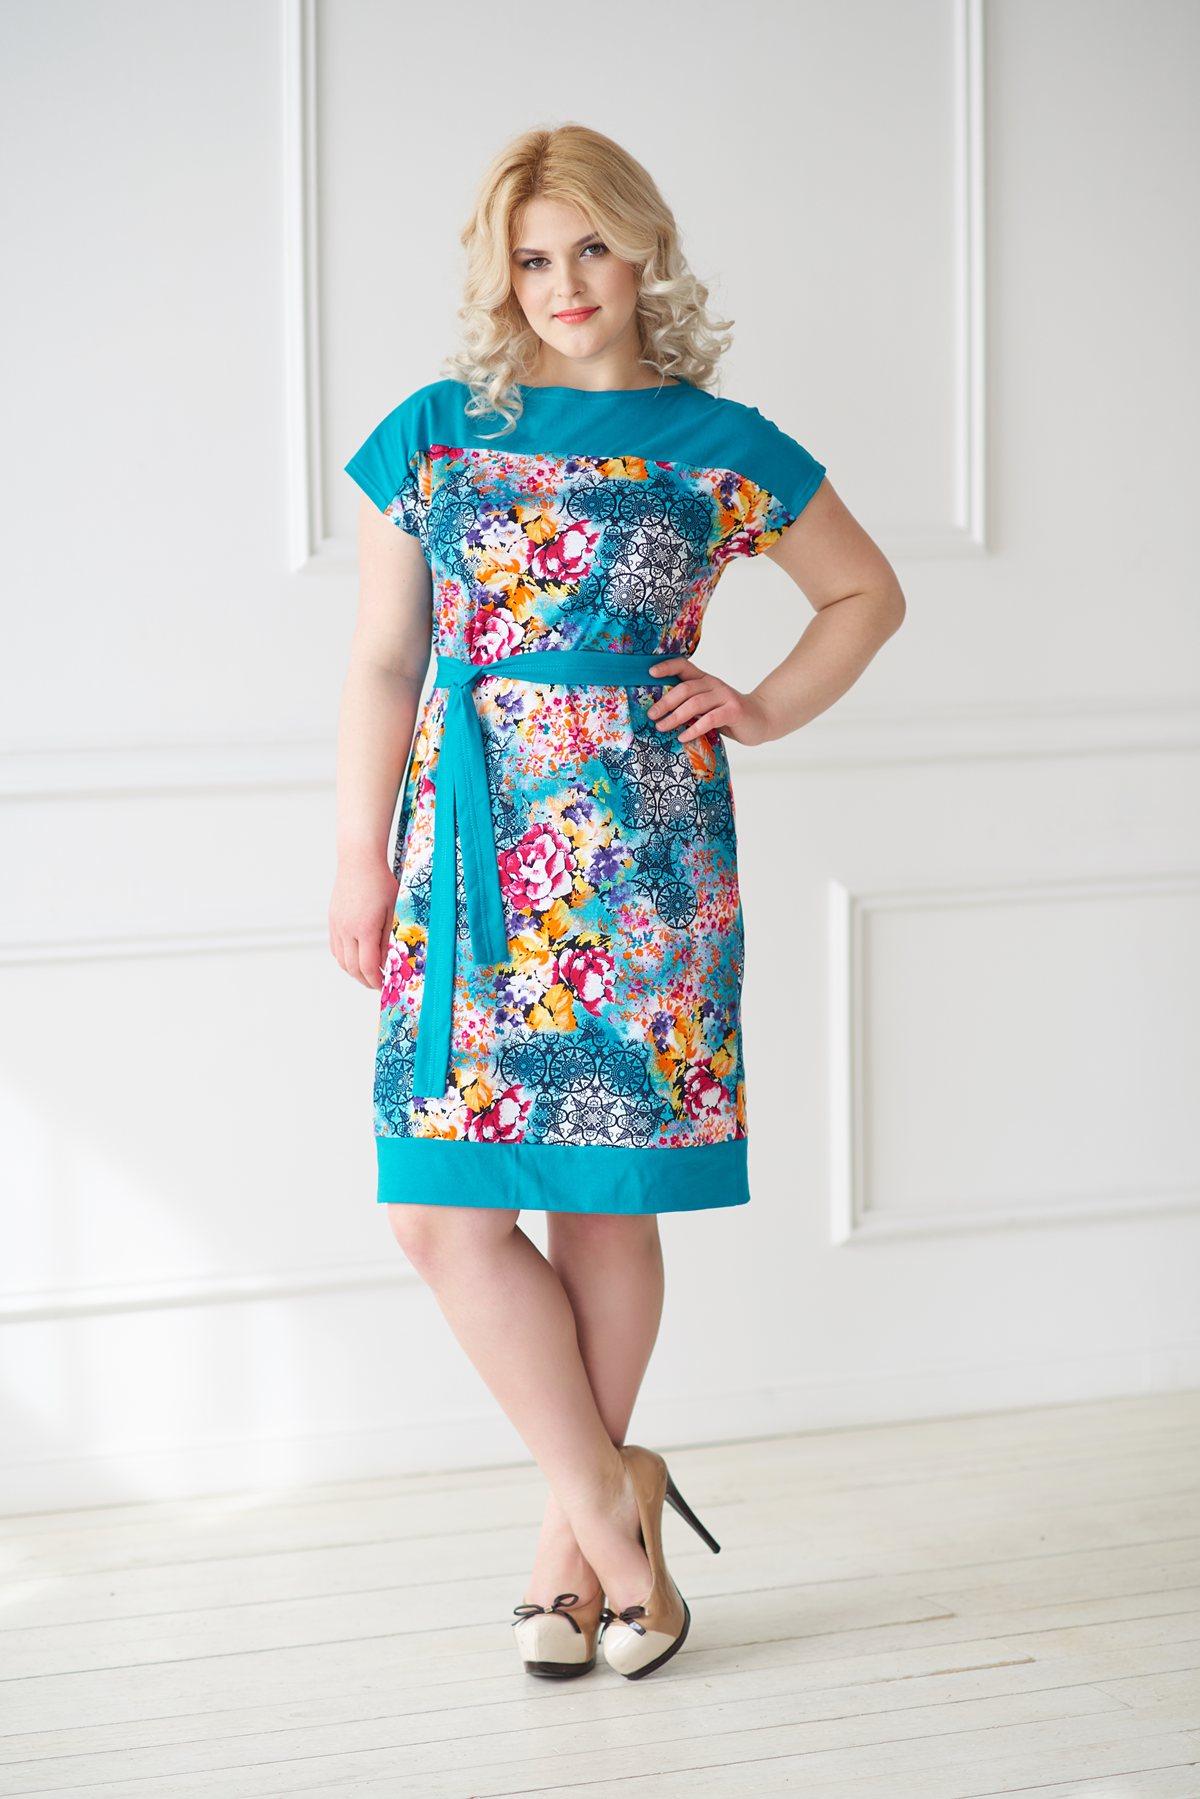 Жен. платье арт. 19-0045 Изумрудный р. 54Платья<br>Факт. ОГ:108 см<br>Факт. ОТ:112 см<br>Факт. ОБ:116 см<br>Длина по спинке:99 см<br><br>Тип: Жен. платье<br>Размер: 54<br>Материал: Трикотаж